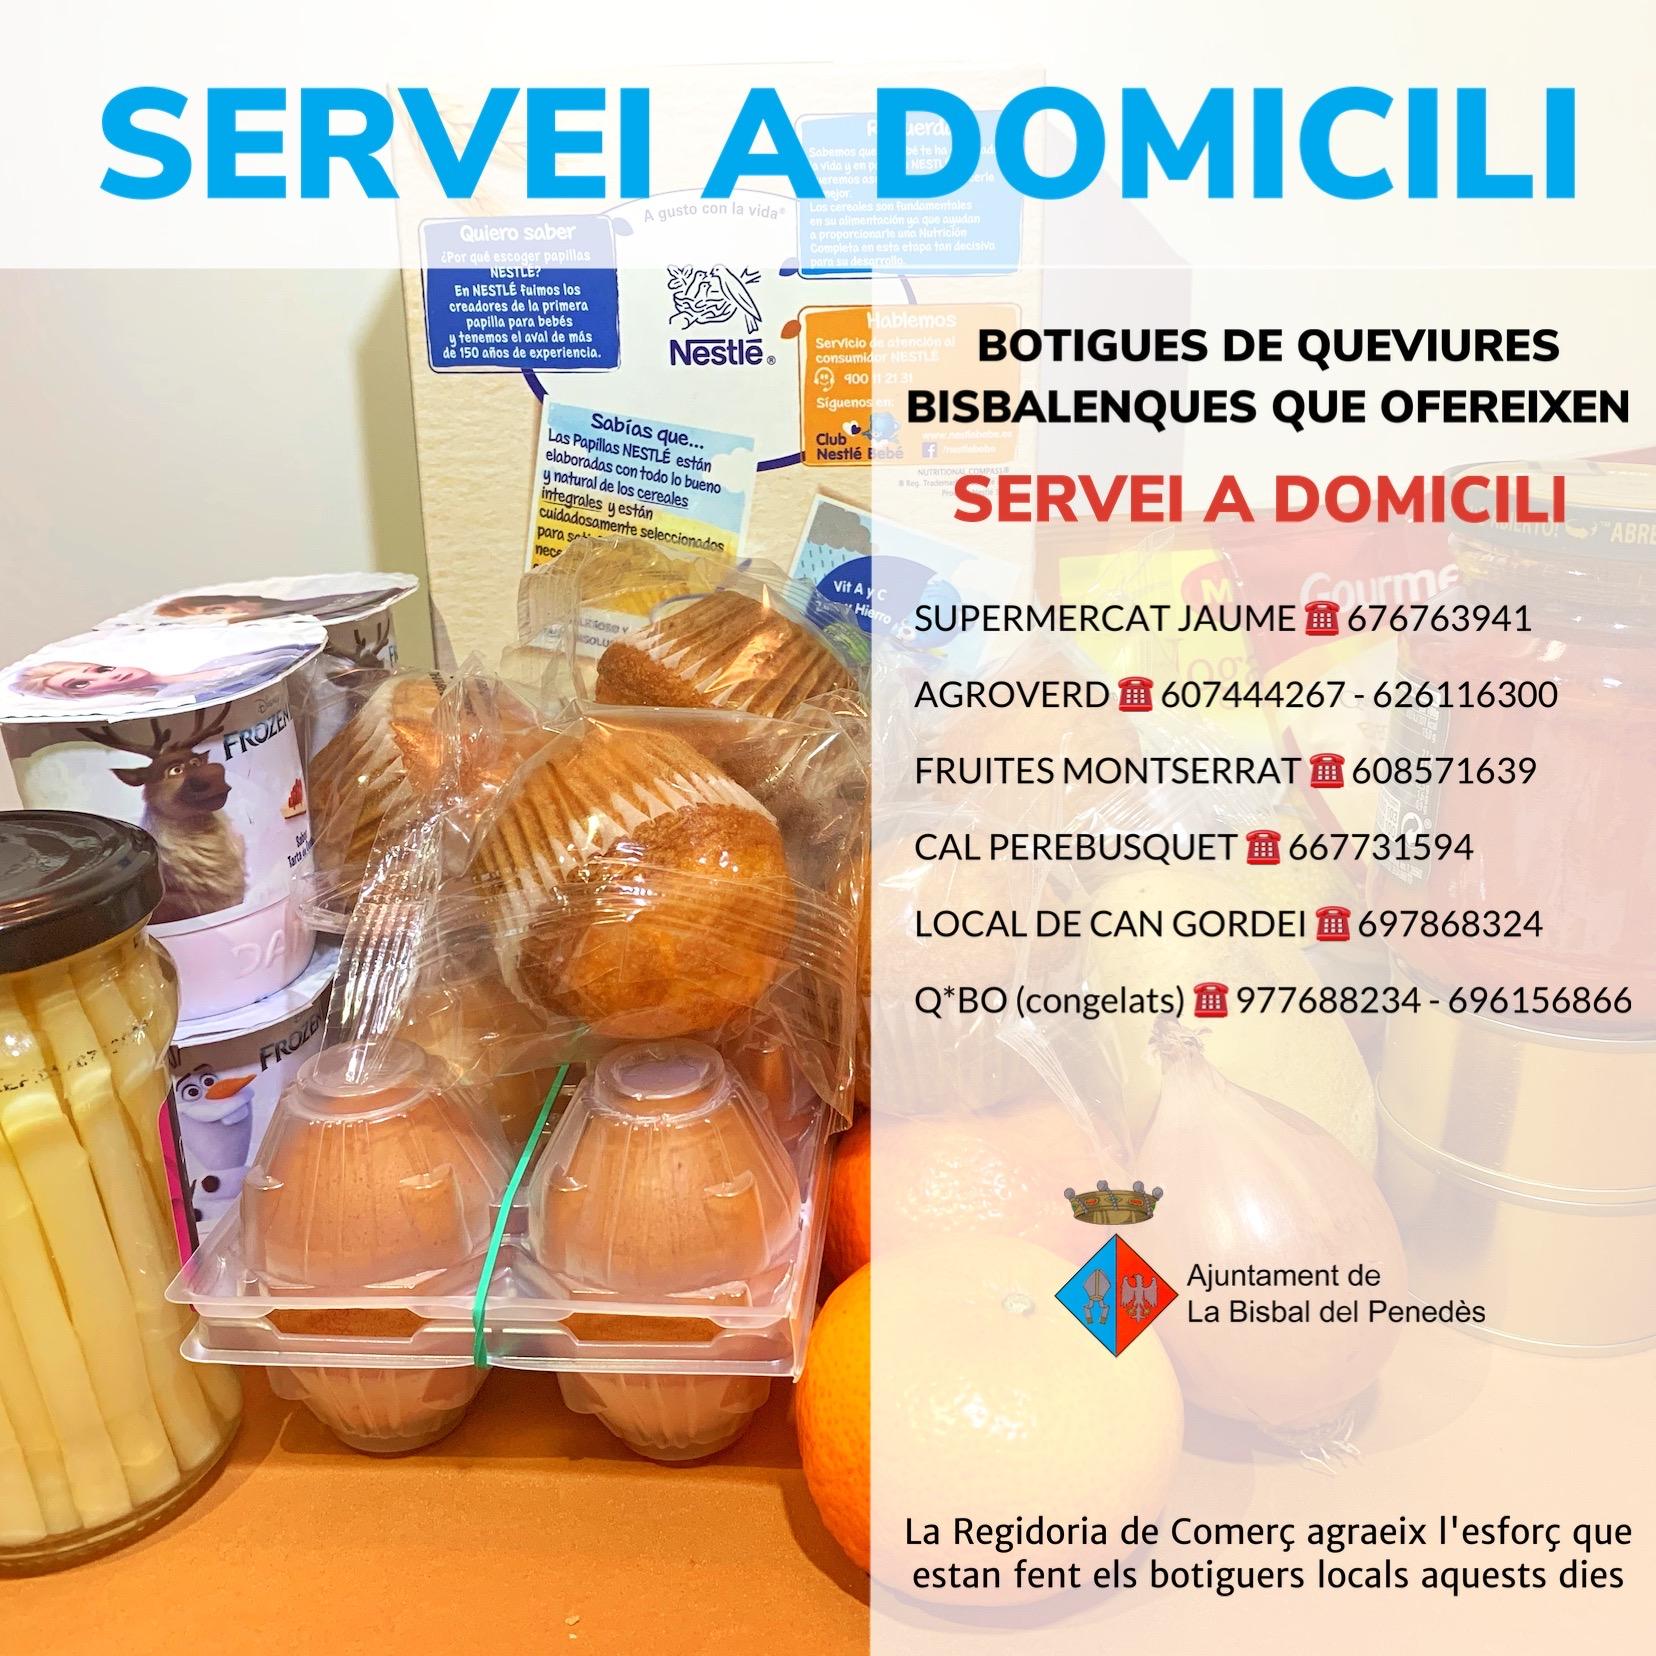 Recomanacions de Protecció Civil per anar a comprar i llistat de botigues bisbalenques amb servei a domicili